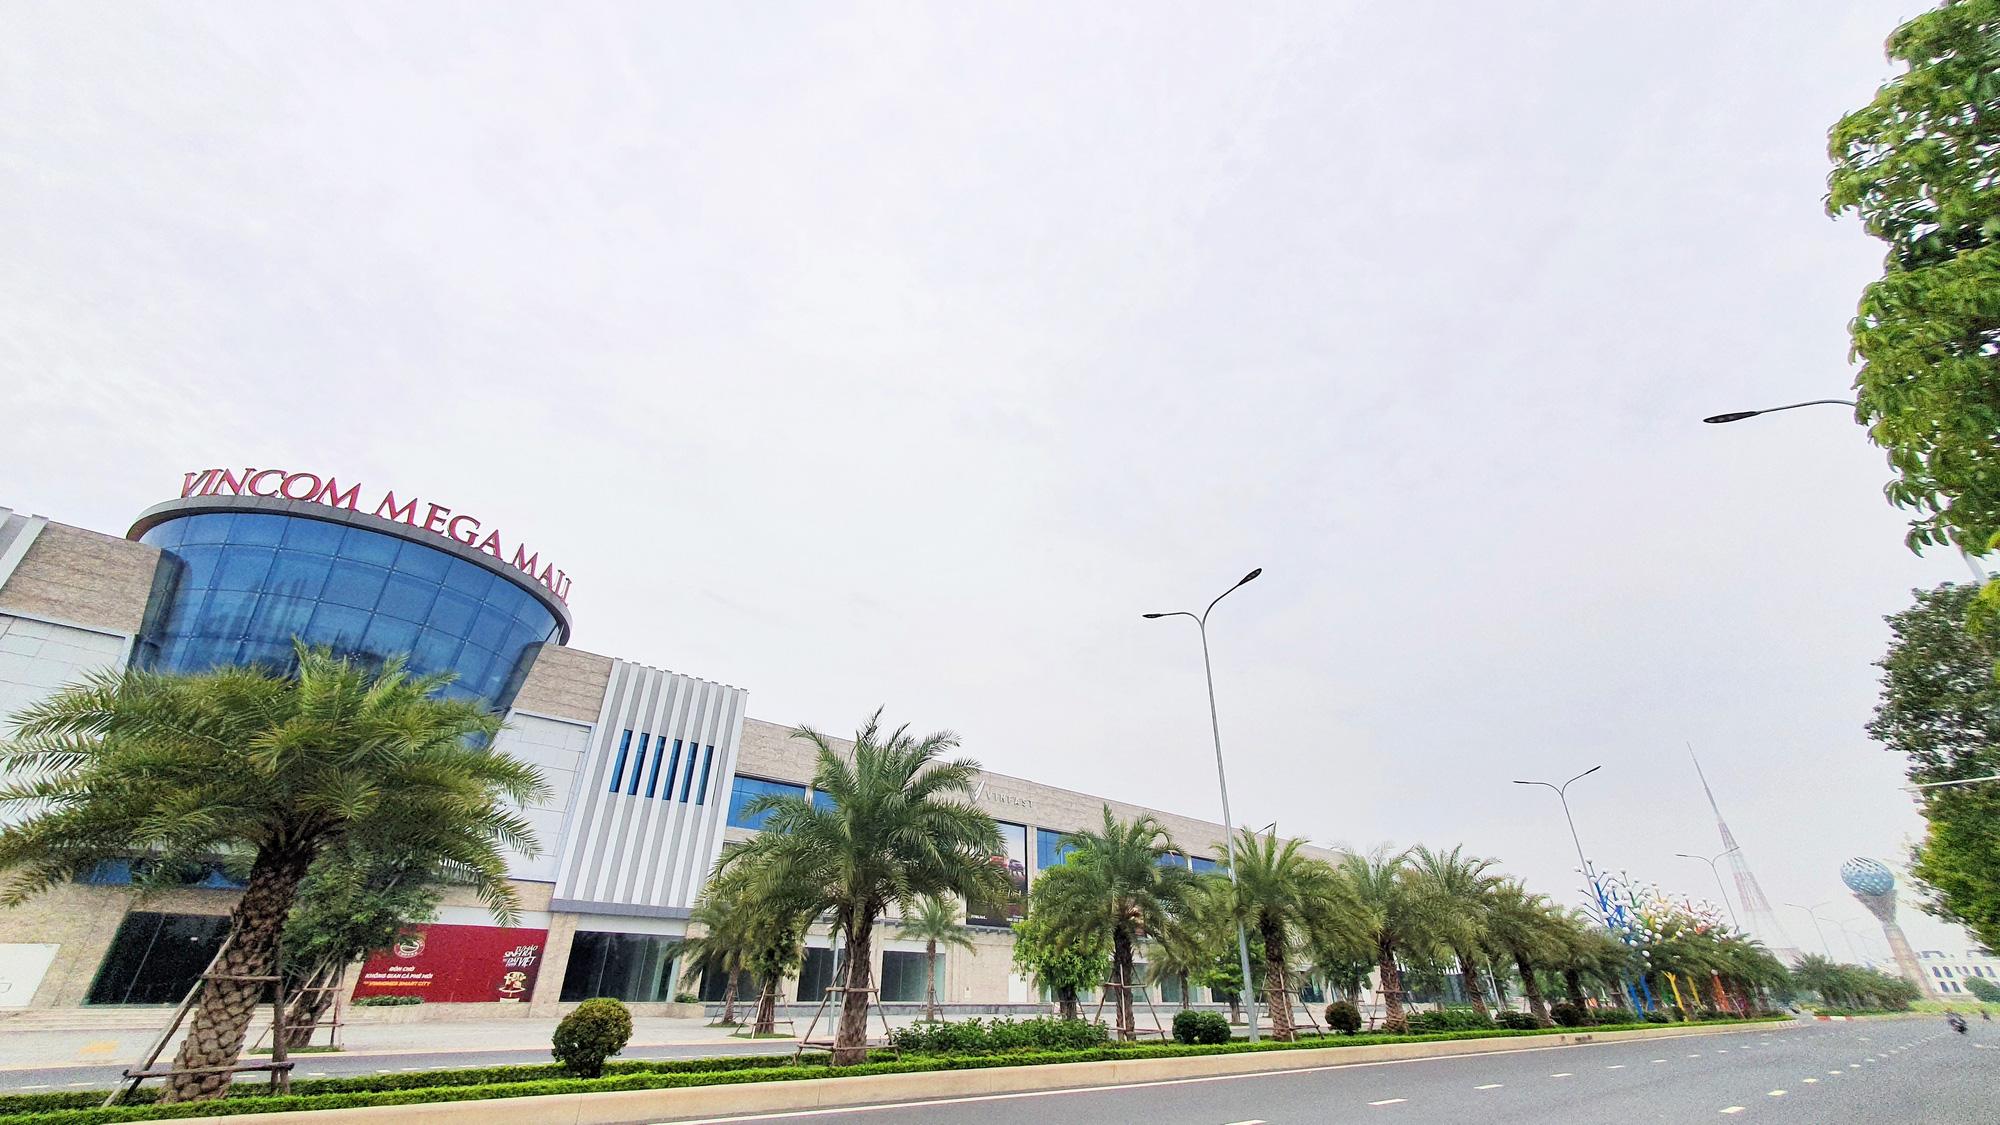 Hà Nội: TTTM Park City Yên Nghĩa ở Hà Đông dự kiến hoàn thành quý trong III/2022 - Ảnh 1.